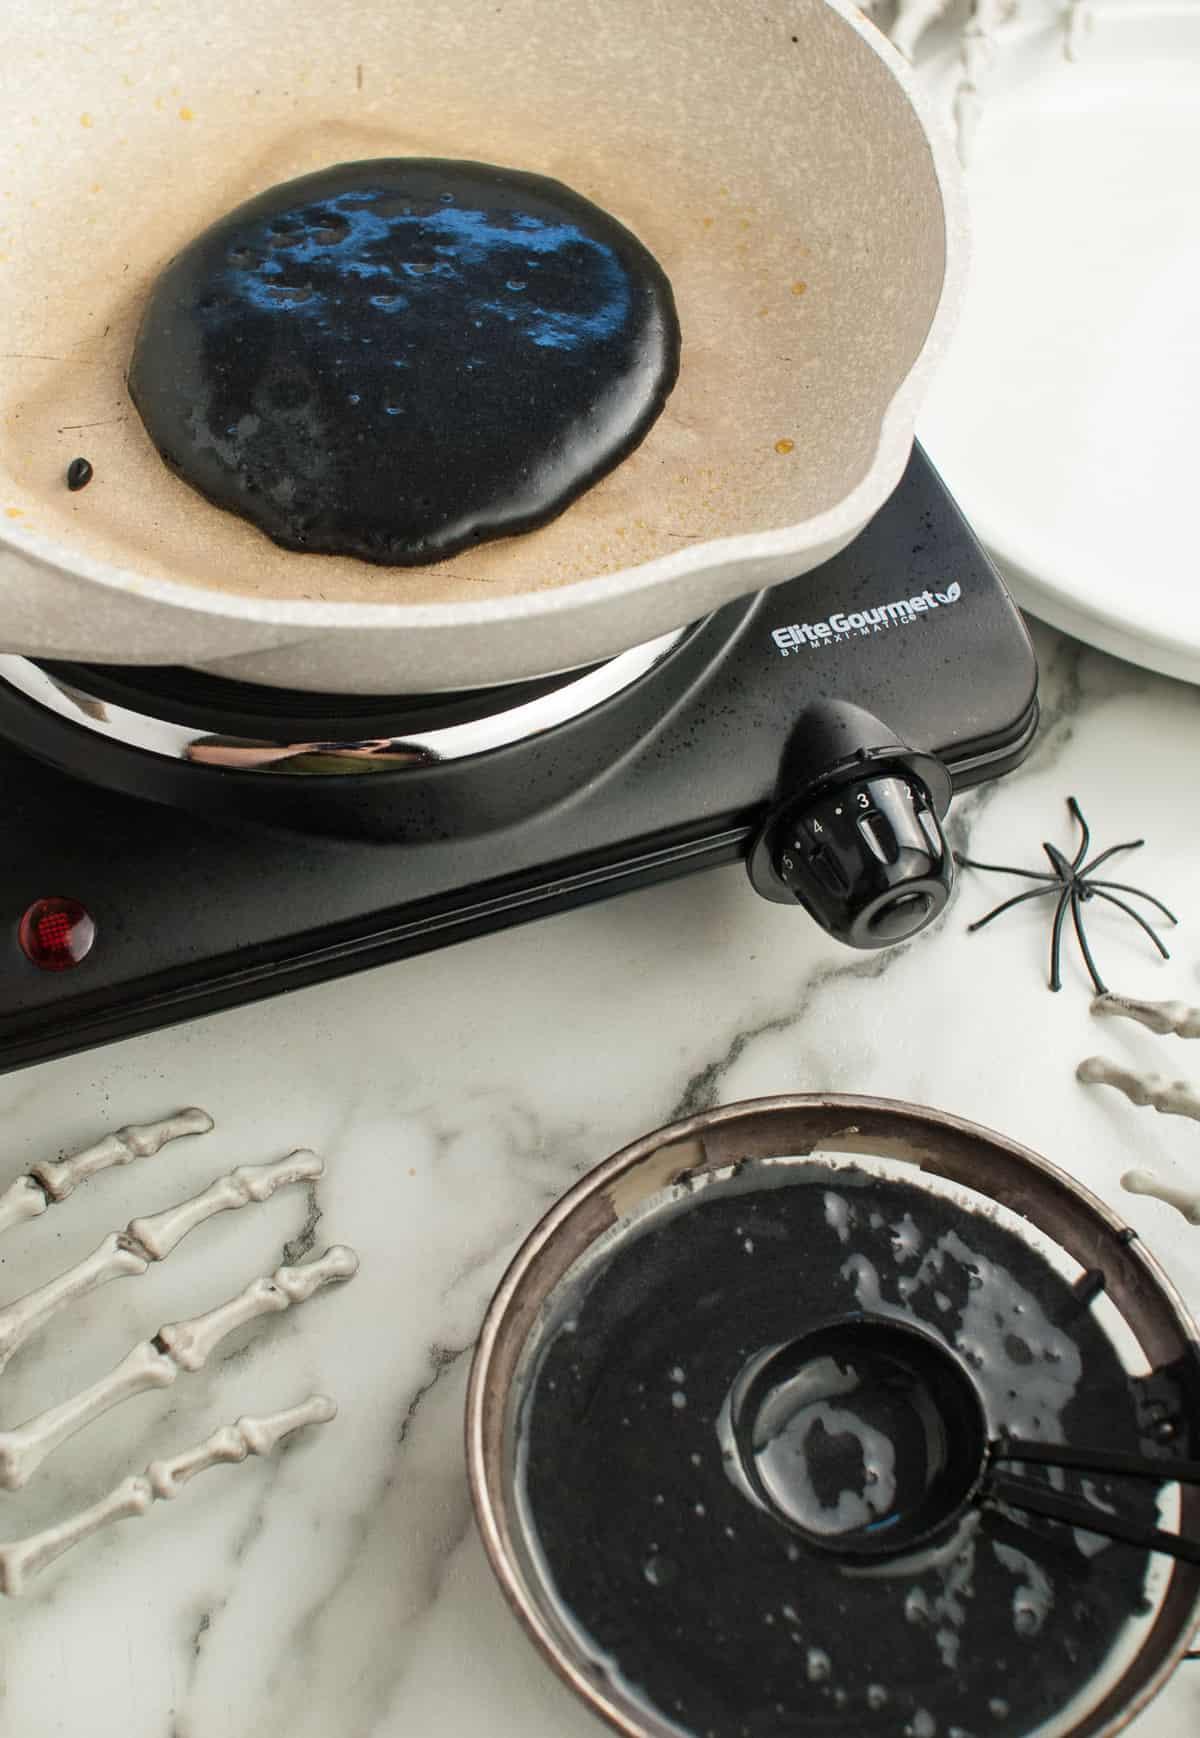 Black pancake batter in a skillet.